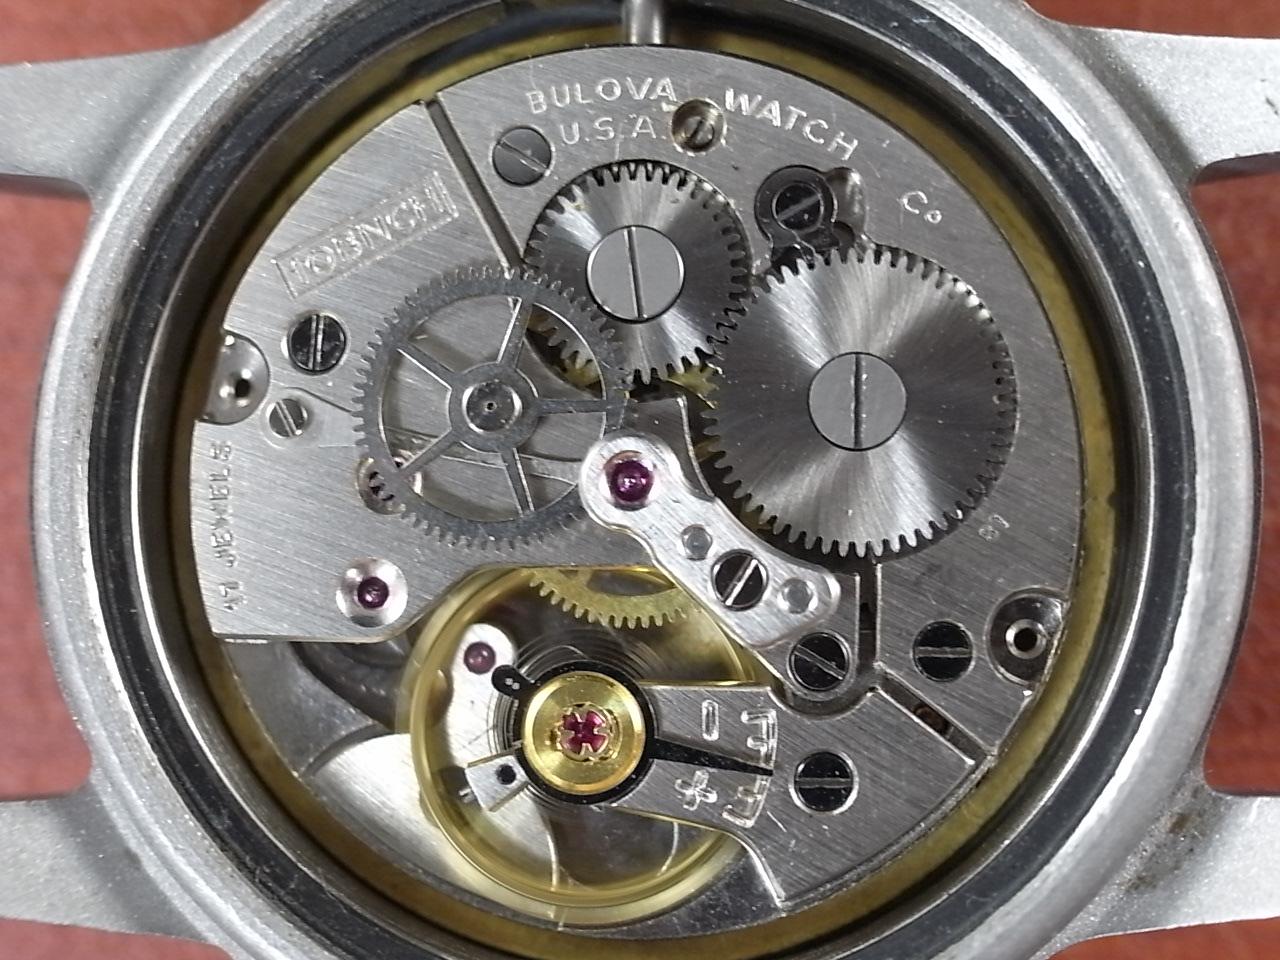 ブローバ ミリタリー アメリカ軍用時計 Type A17A 1950年代の写真5枚目